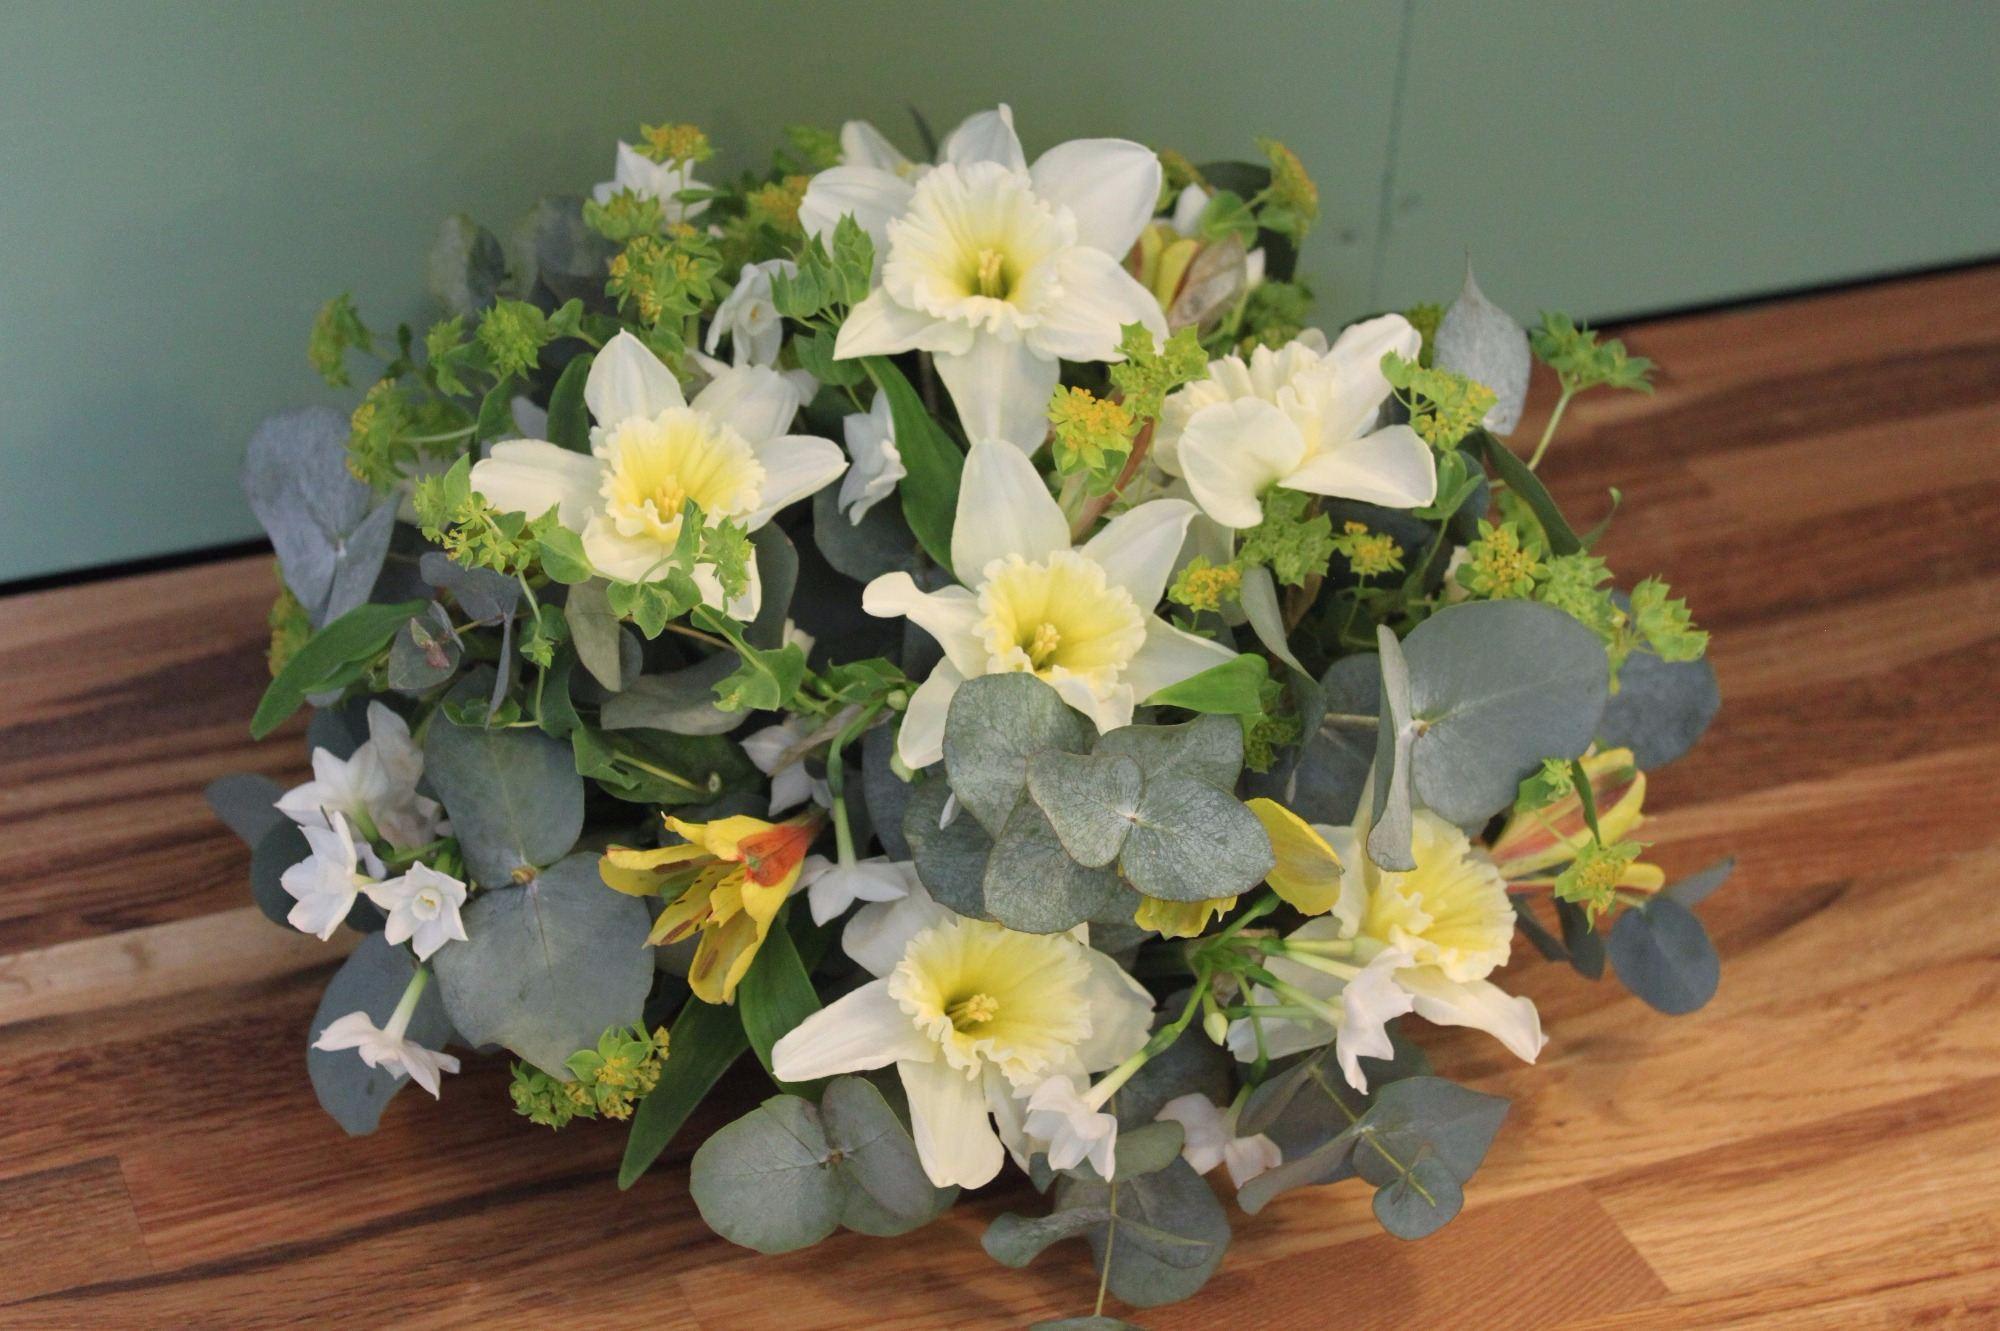 Daffodil Spring posy